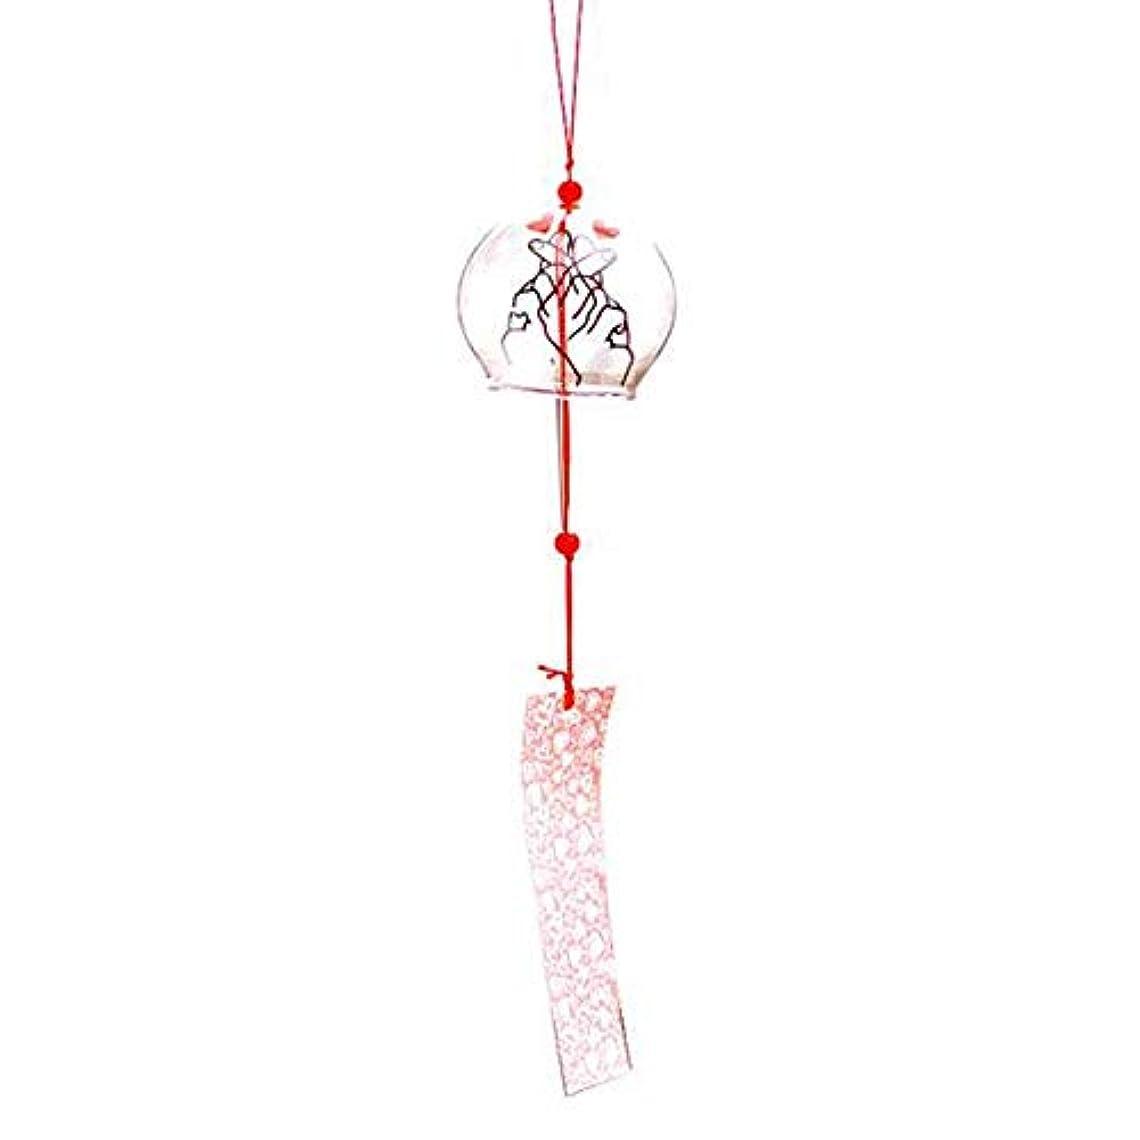 フロー消す伝導Jingfengtongxun 風チャイム、手描きのグラス風チャイム、透明、サイズ6 * 7CM,スタイリッシュなホリデーギフト (Color : Clear)